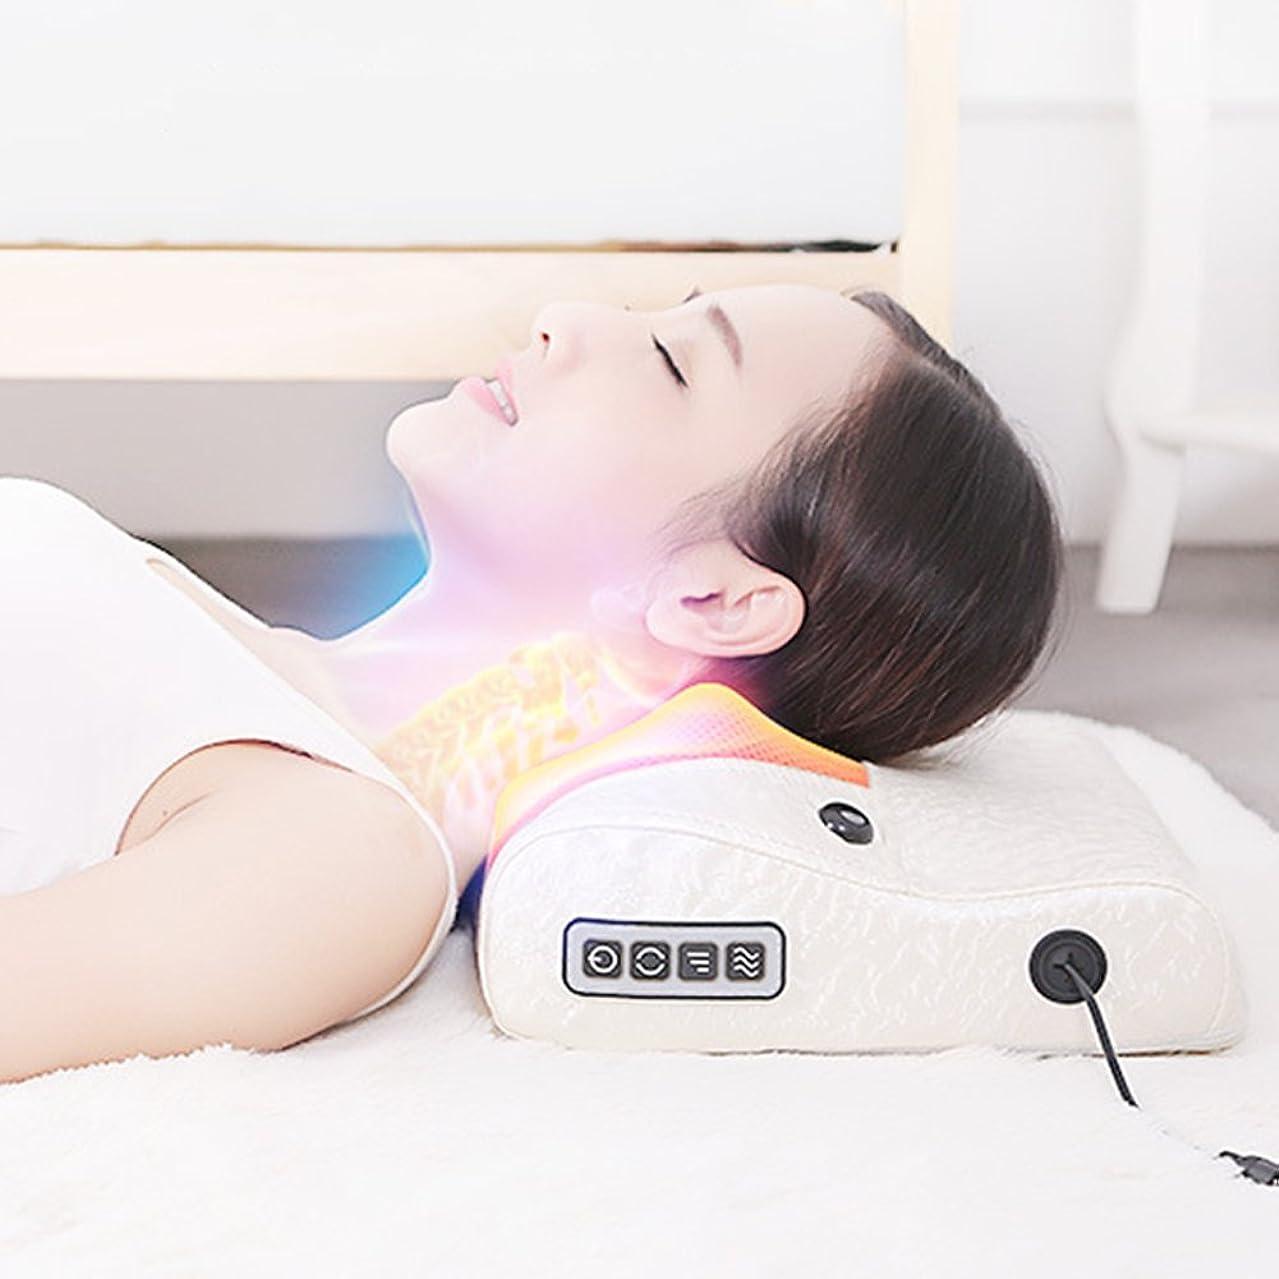 活力ステッチ生き物TOBY MENG 3D マッサージ枕  頚部 肩 腰.腕 臀部 足などを深く揉み 捏ねて 叩いてボディマッサージャー